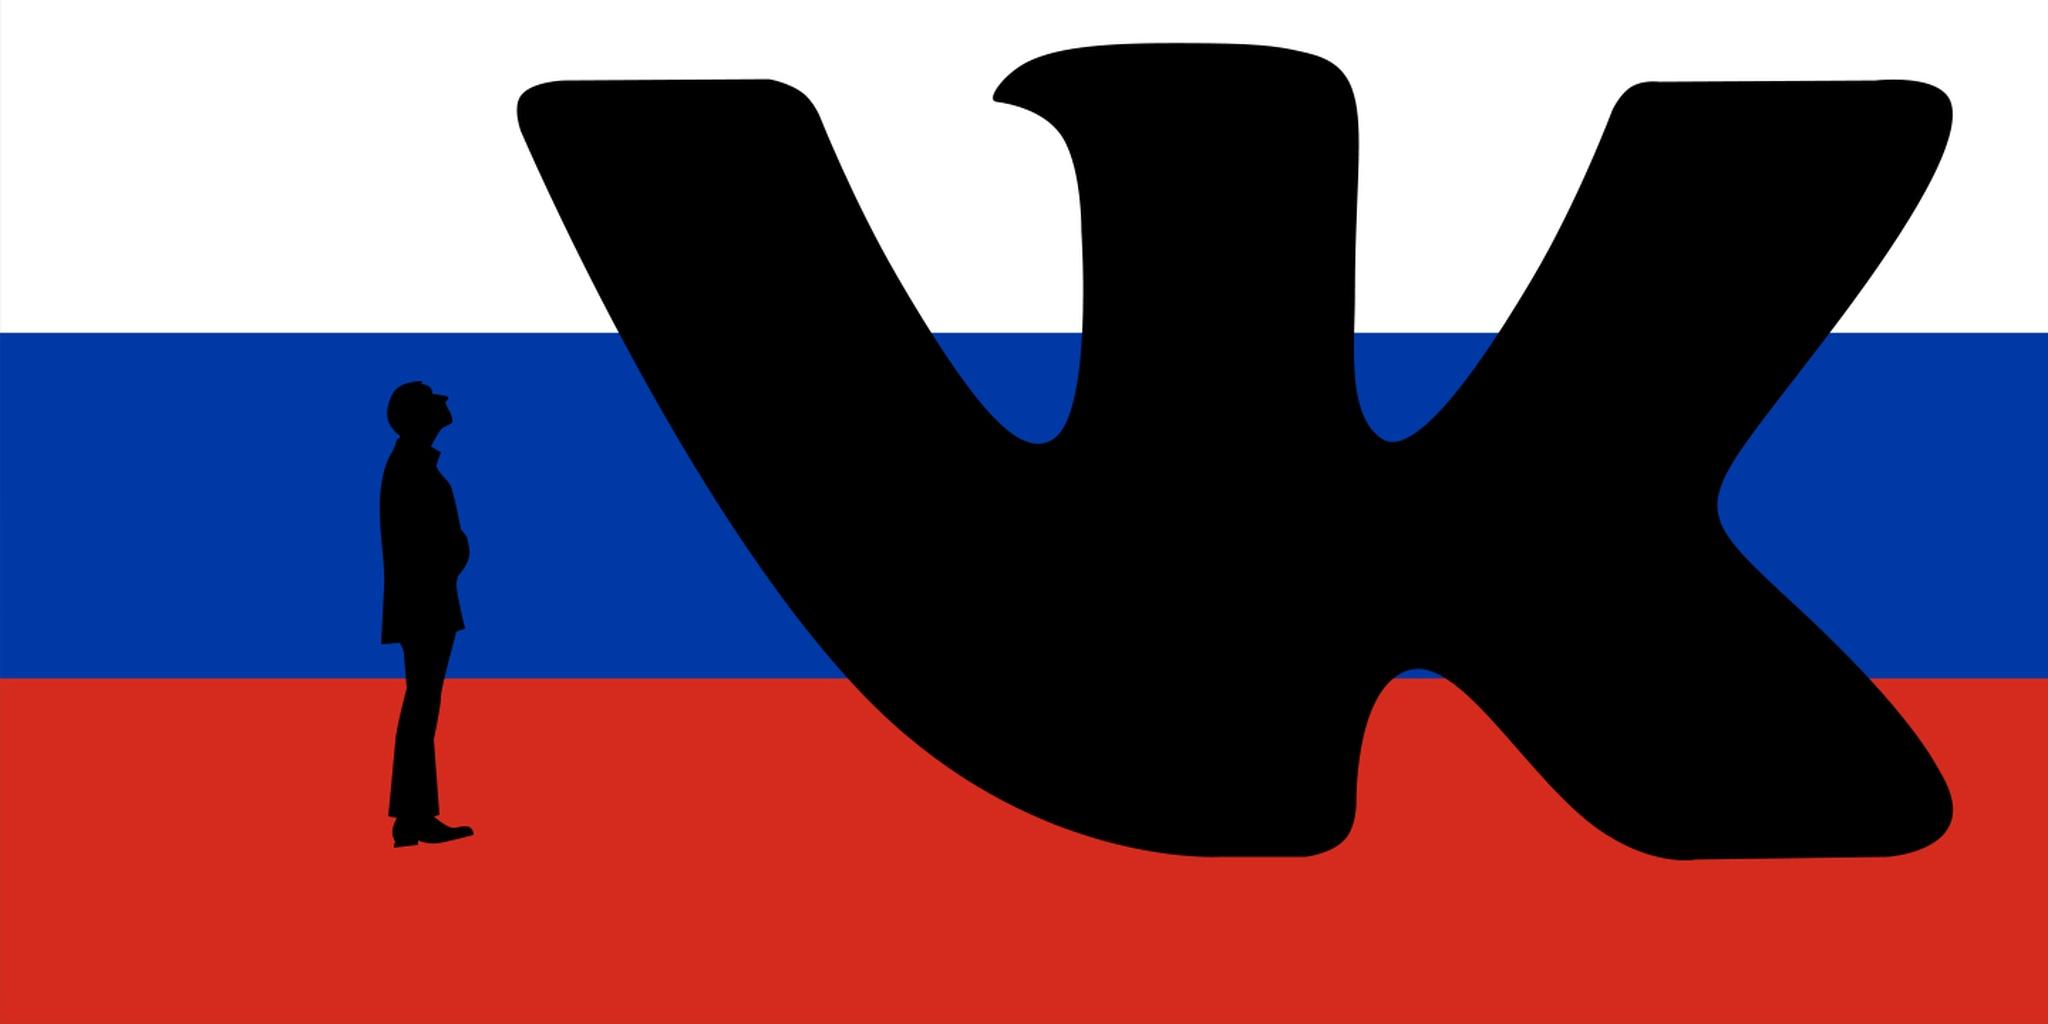 vkontakte-resignation.jpg (1440×720)